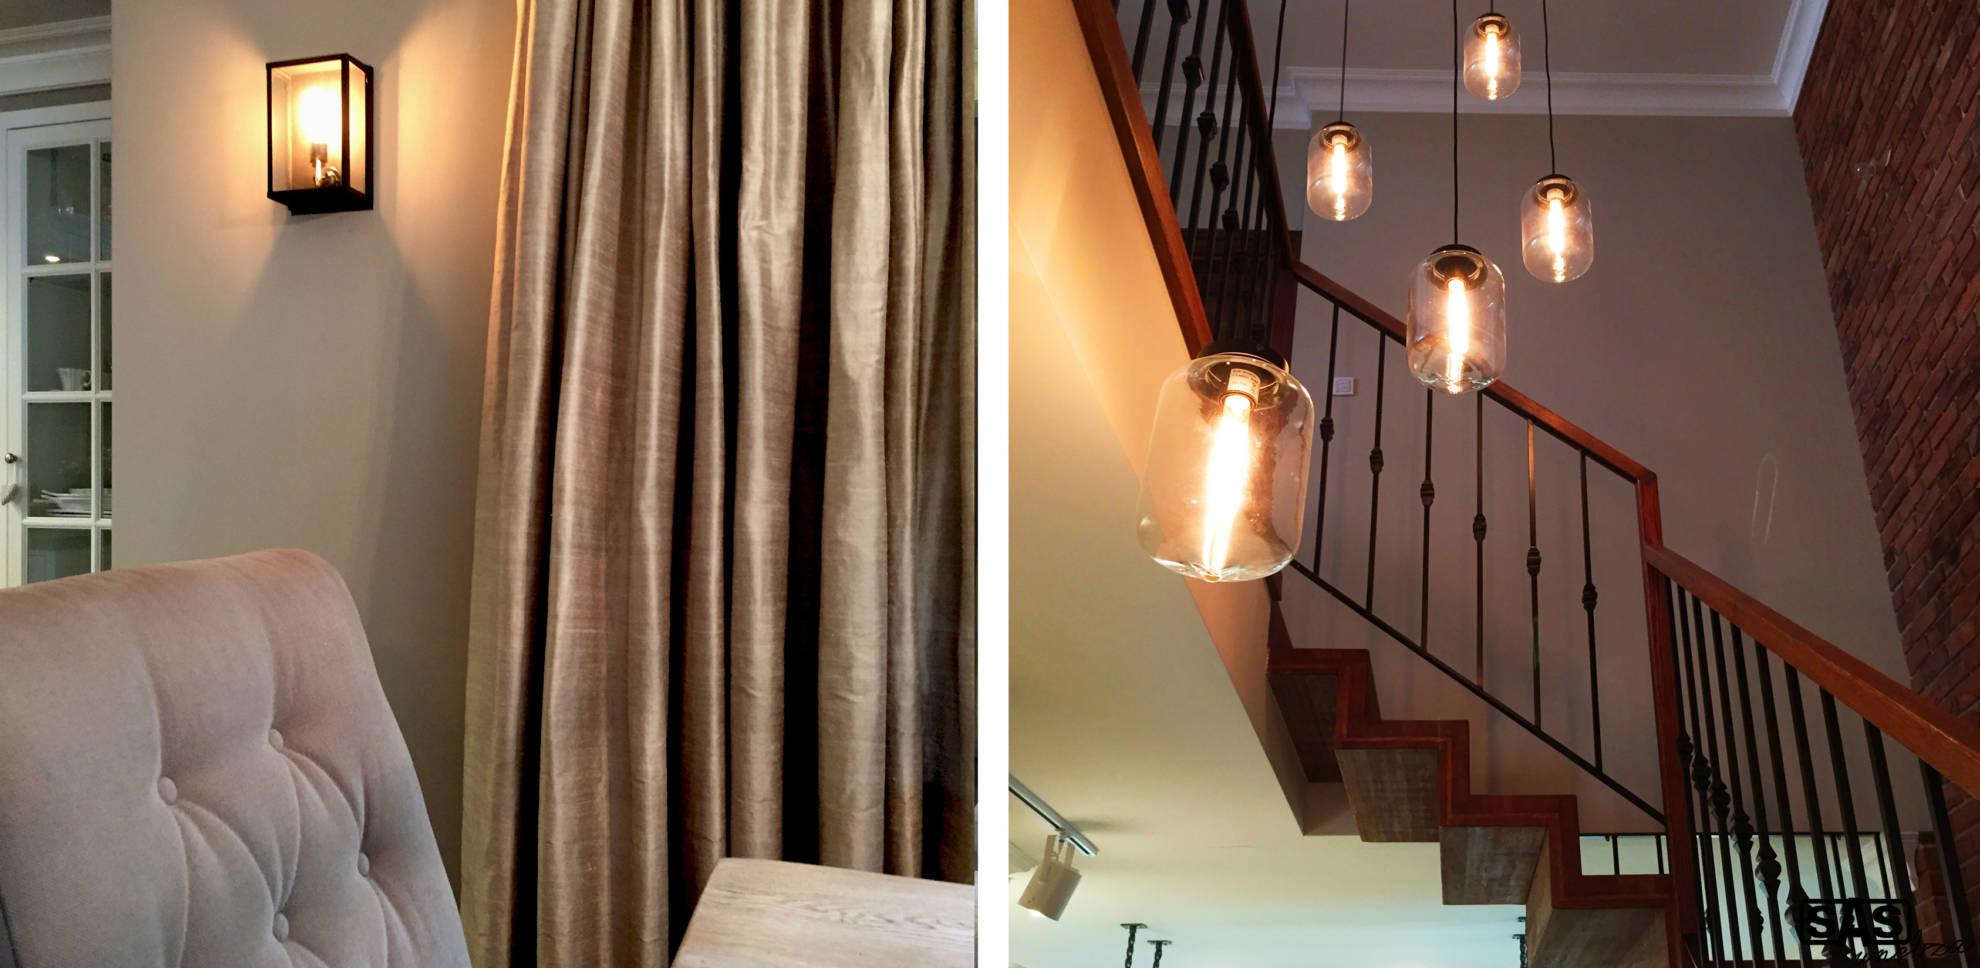 Aranżacja salonu oraz klatki schodowej - projekt architekt wnętrz Emilia Strzempek Plasun.